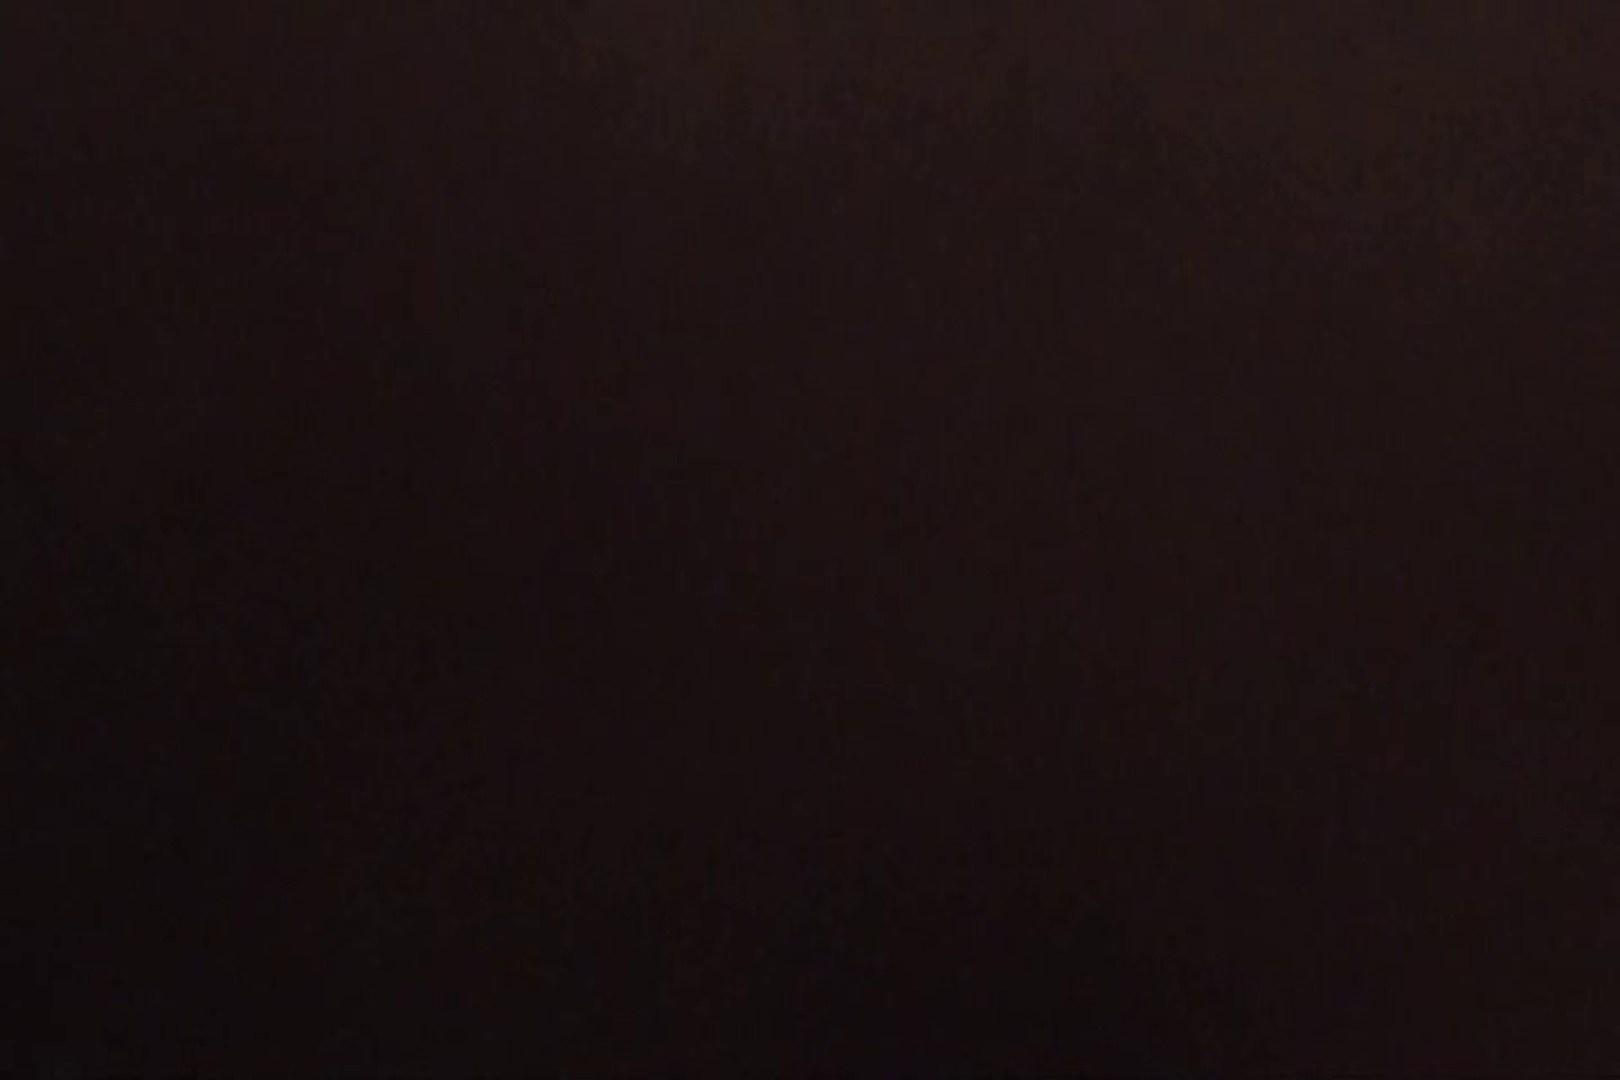 独占配信! ●罪証拠DVD 起きません! vol.07 0   0  49連発 27